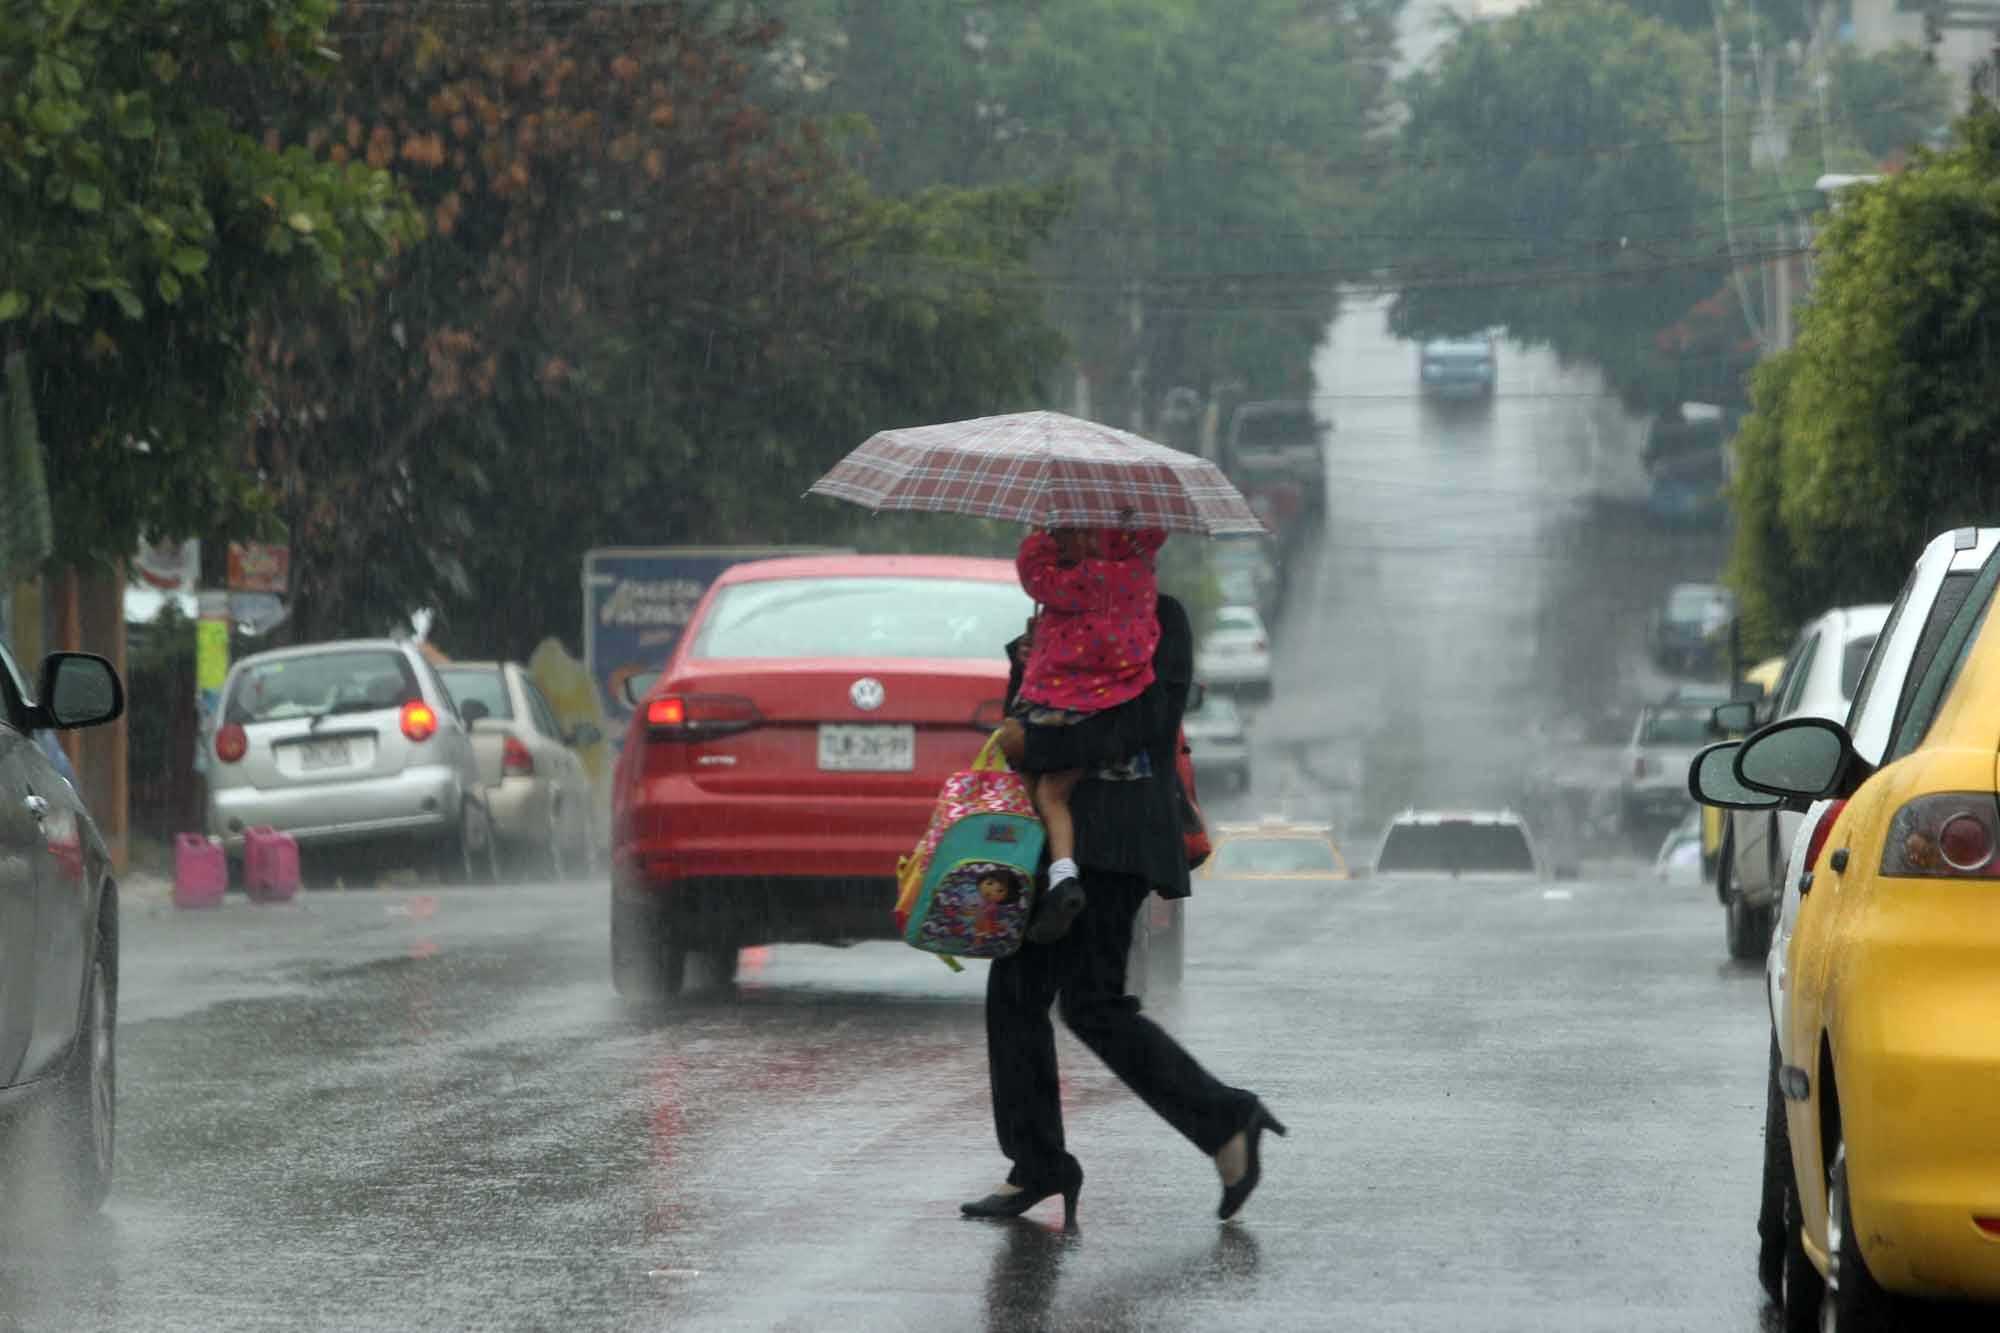 Suspenden clases este viernes en todas las escuelas por las fuertes lluvias | El Imparcial de Oaxaca